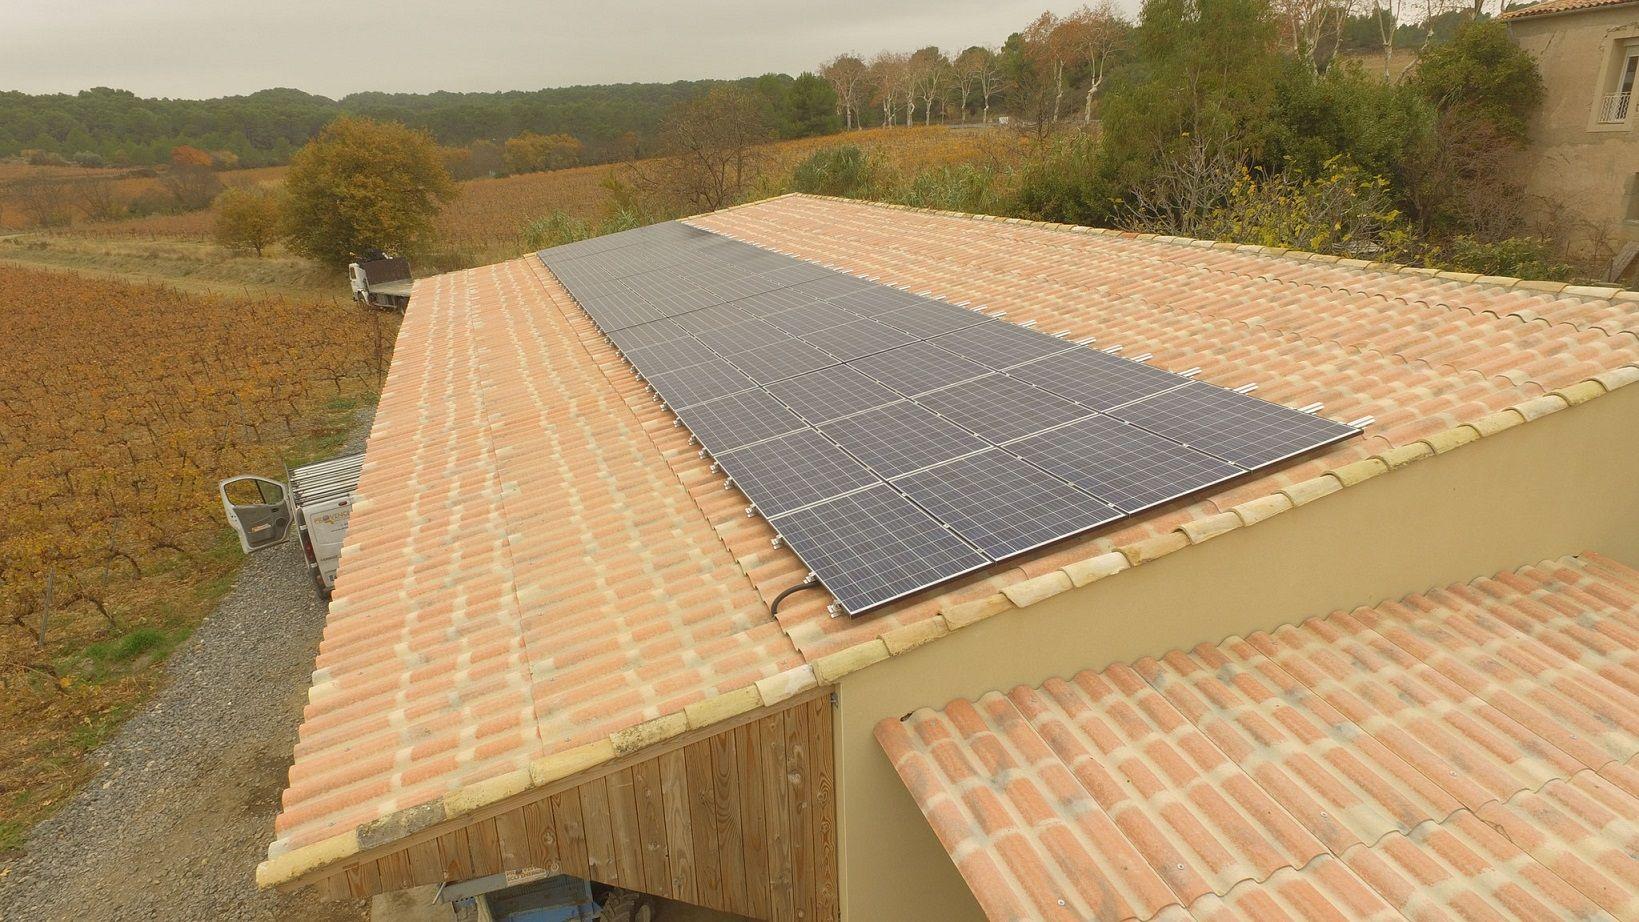 Location de toit pour photovoltaïque | Eco Solution Energie